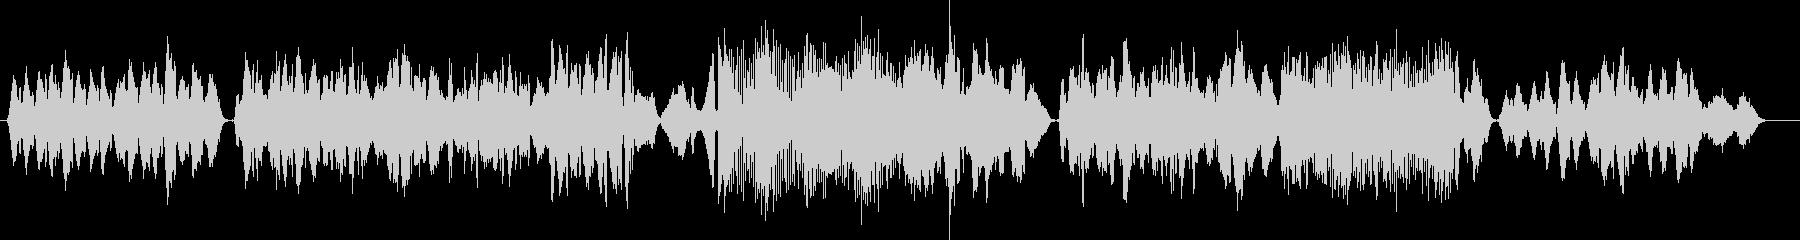 オリエンタルな風情の弦楽四重奏の未再生の波形